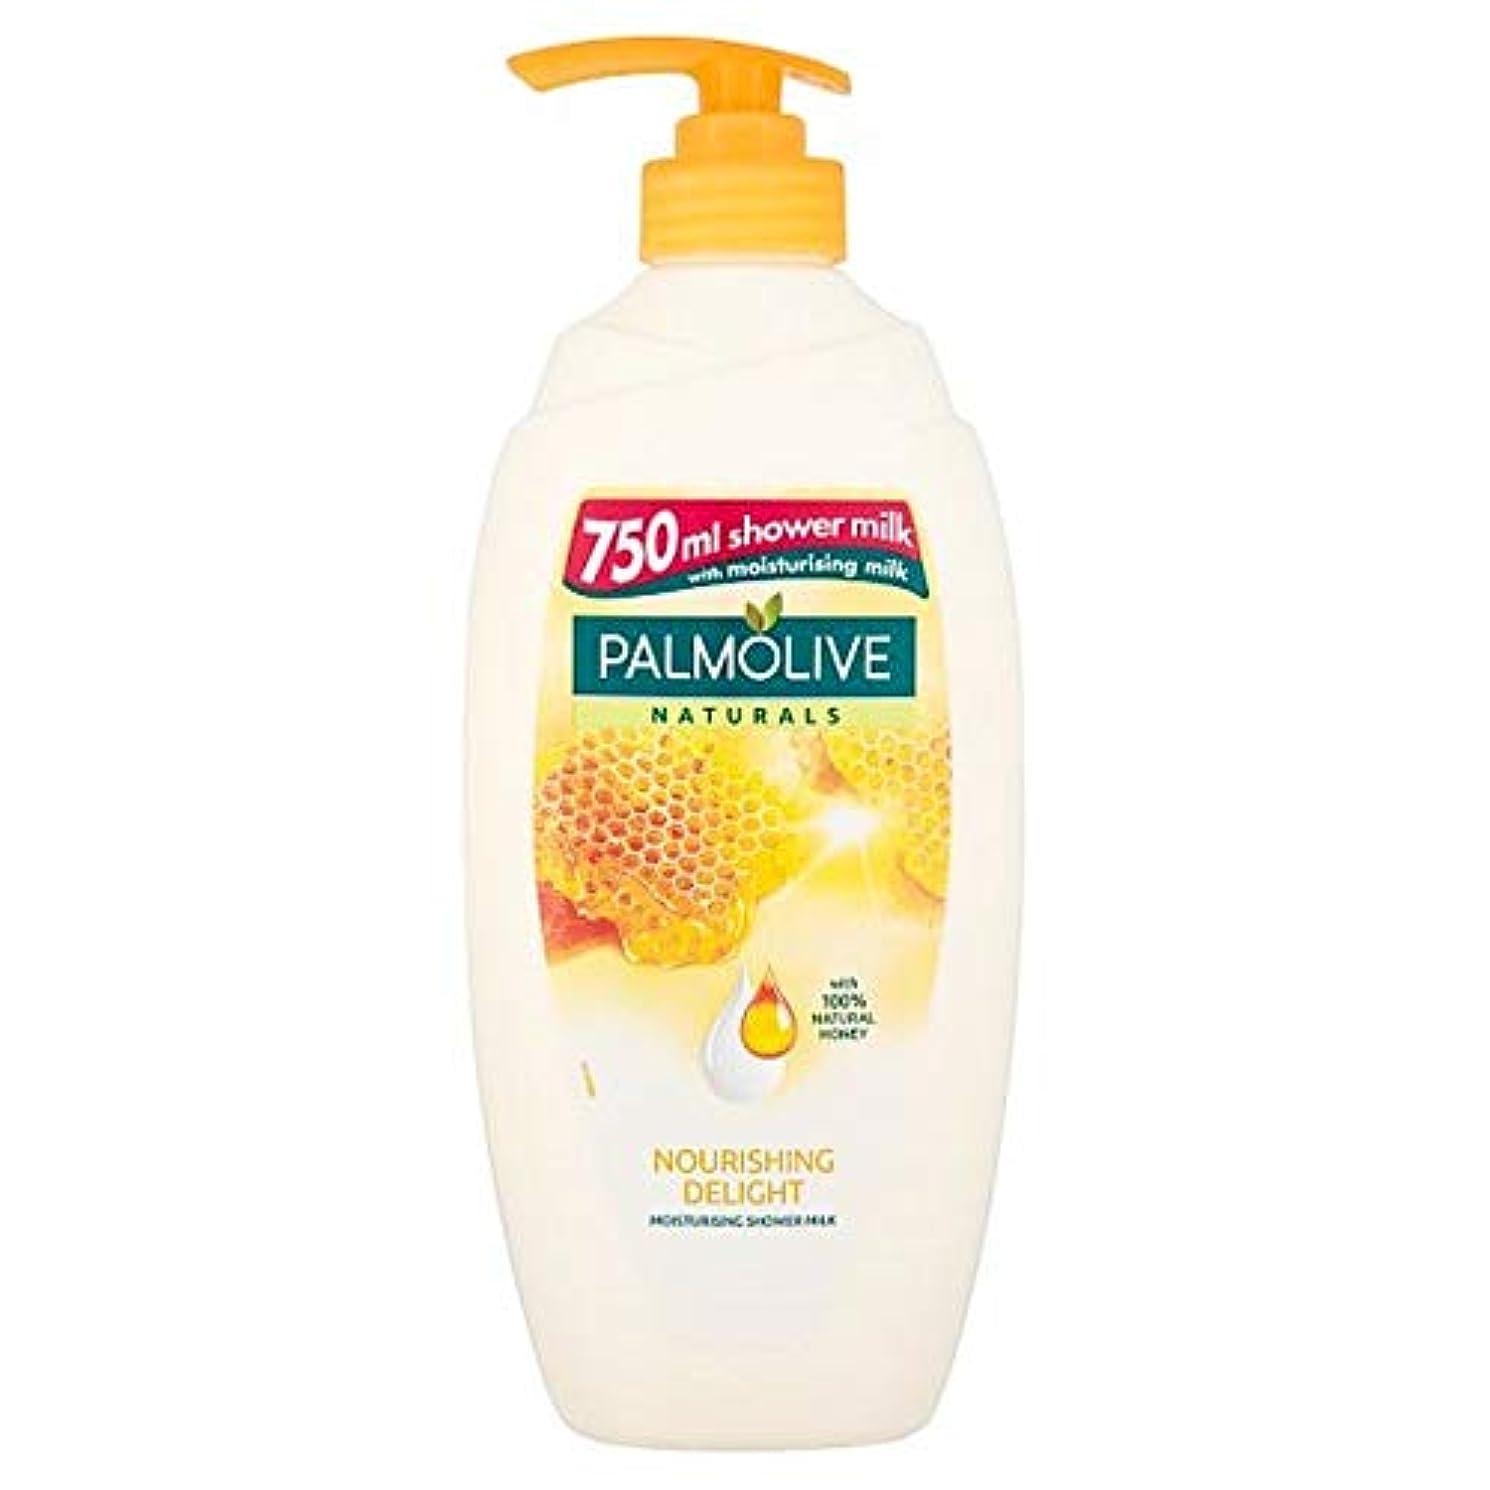 使い込むリブ鑑定[Palmolive ] パルモナチュラルミルクとはちみつシャワージェル750ミリリットル - Palmolive Naturals Milk And Honey Shower Gel 750Ml [並行輸入品]